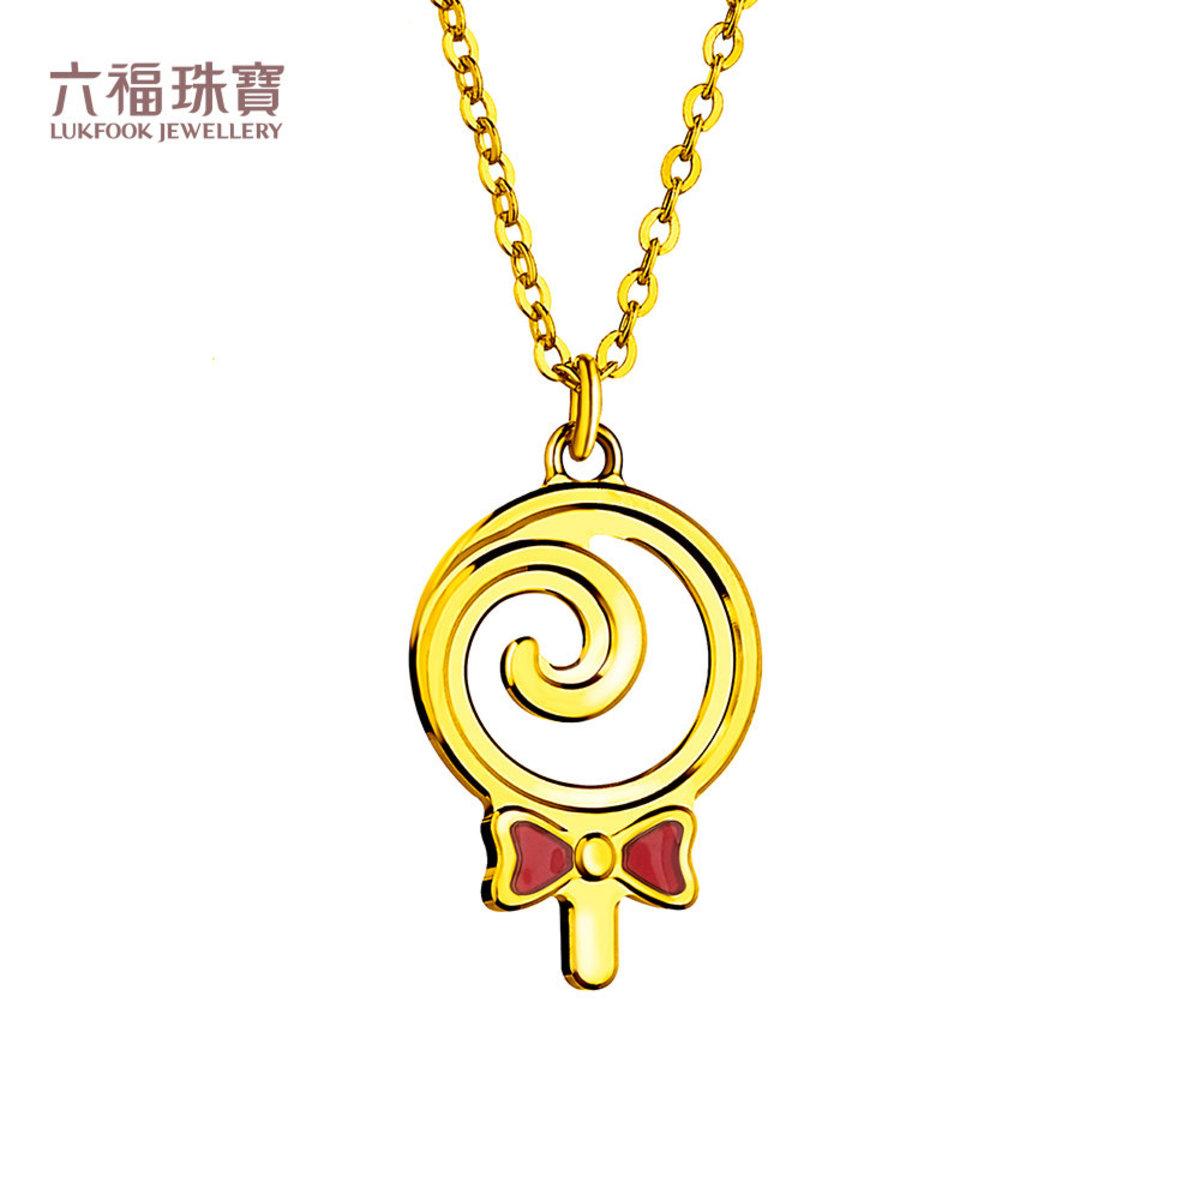 Dear Q Au999.9 Necklace with Colored Pigment